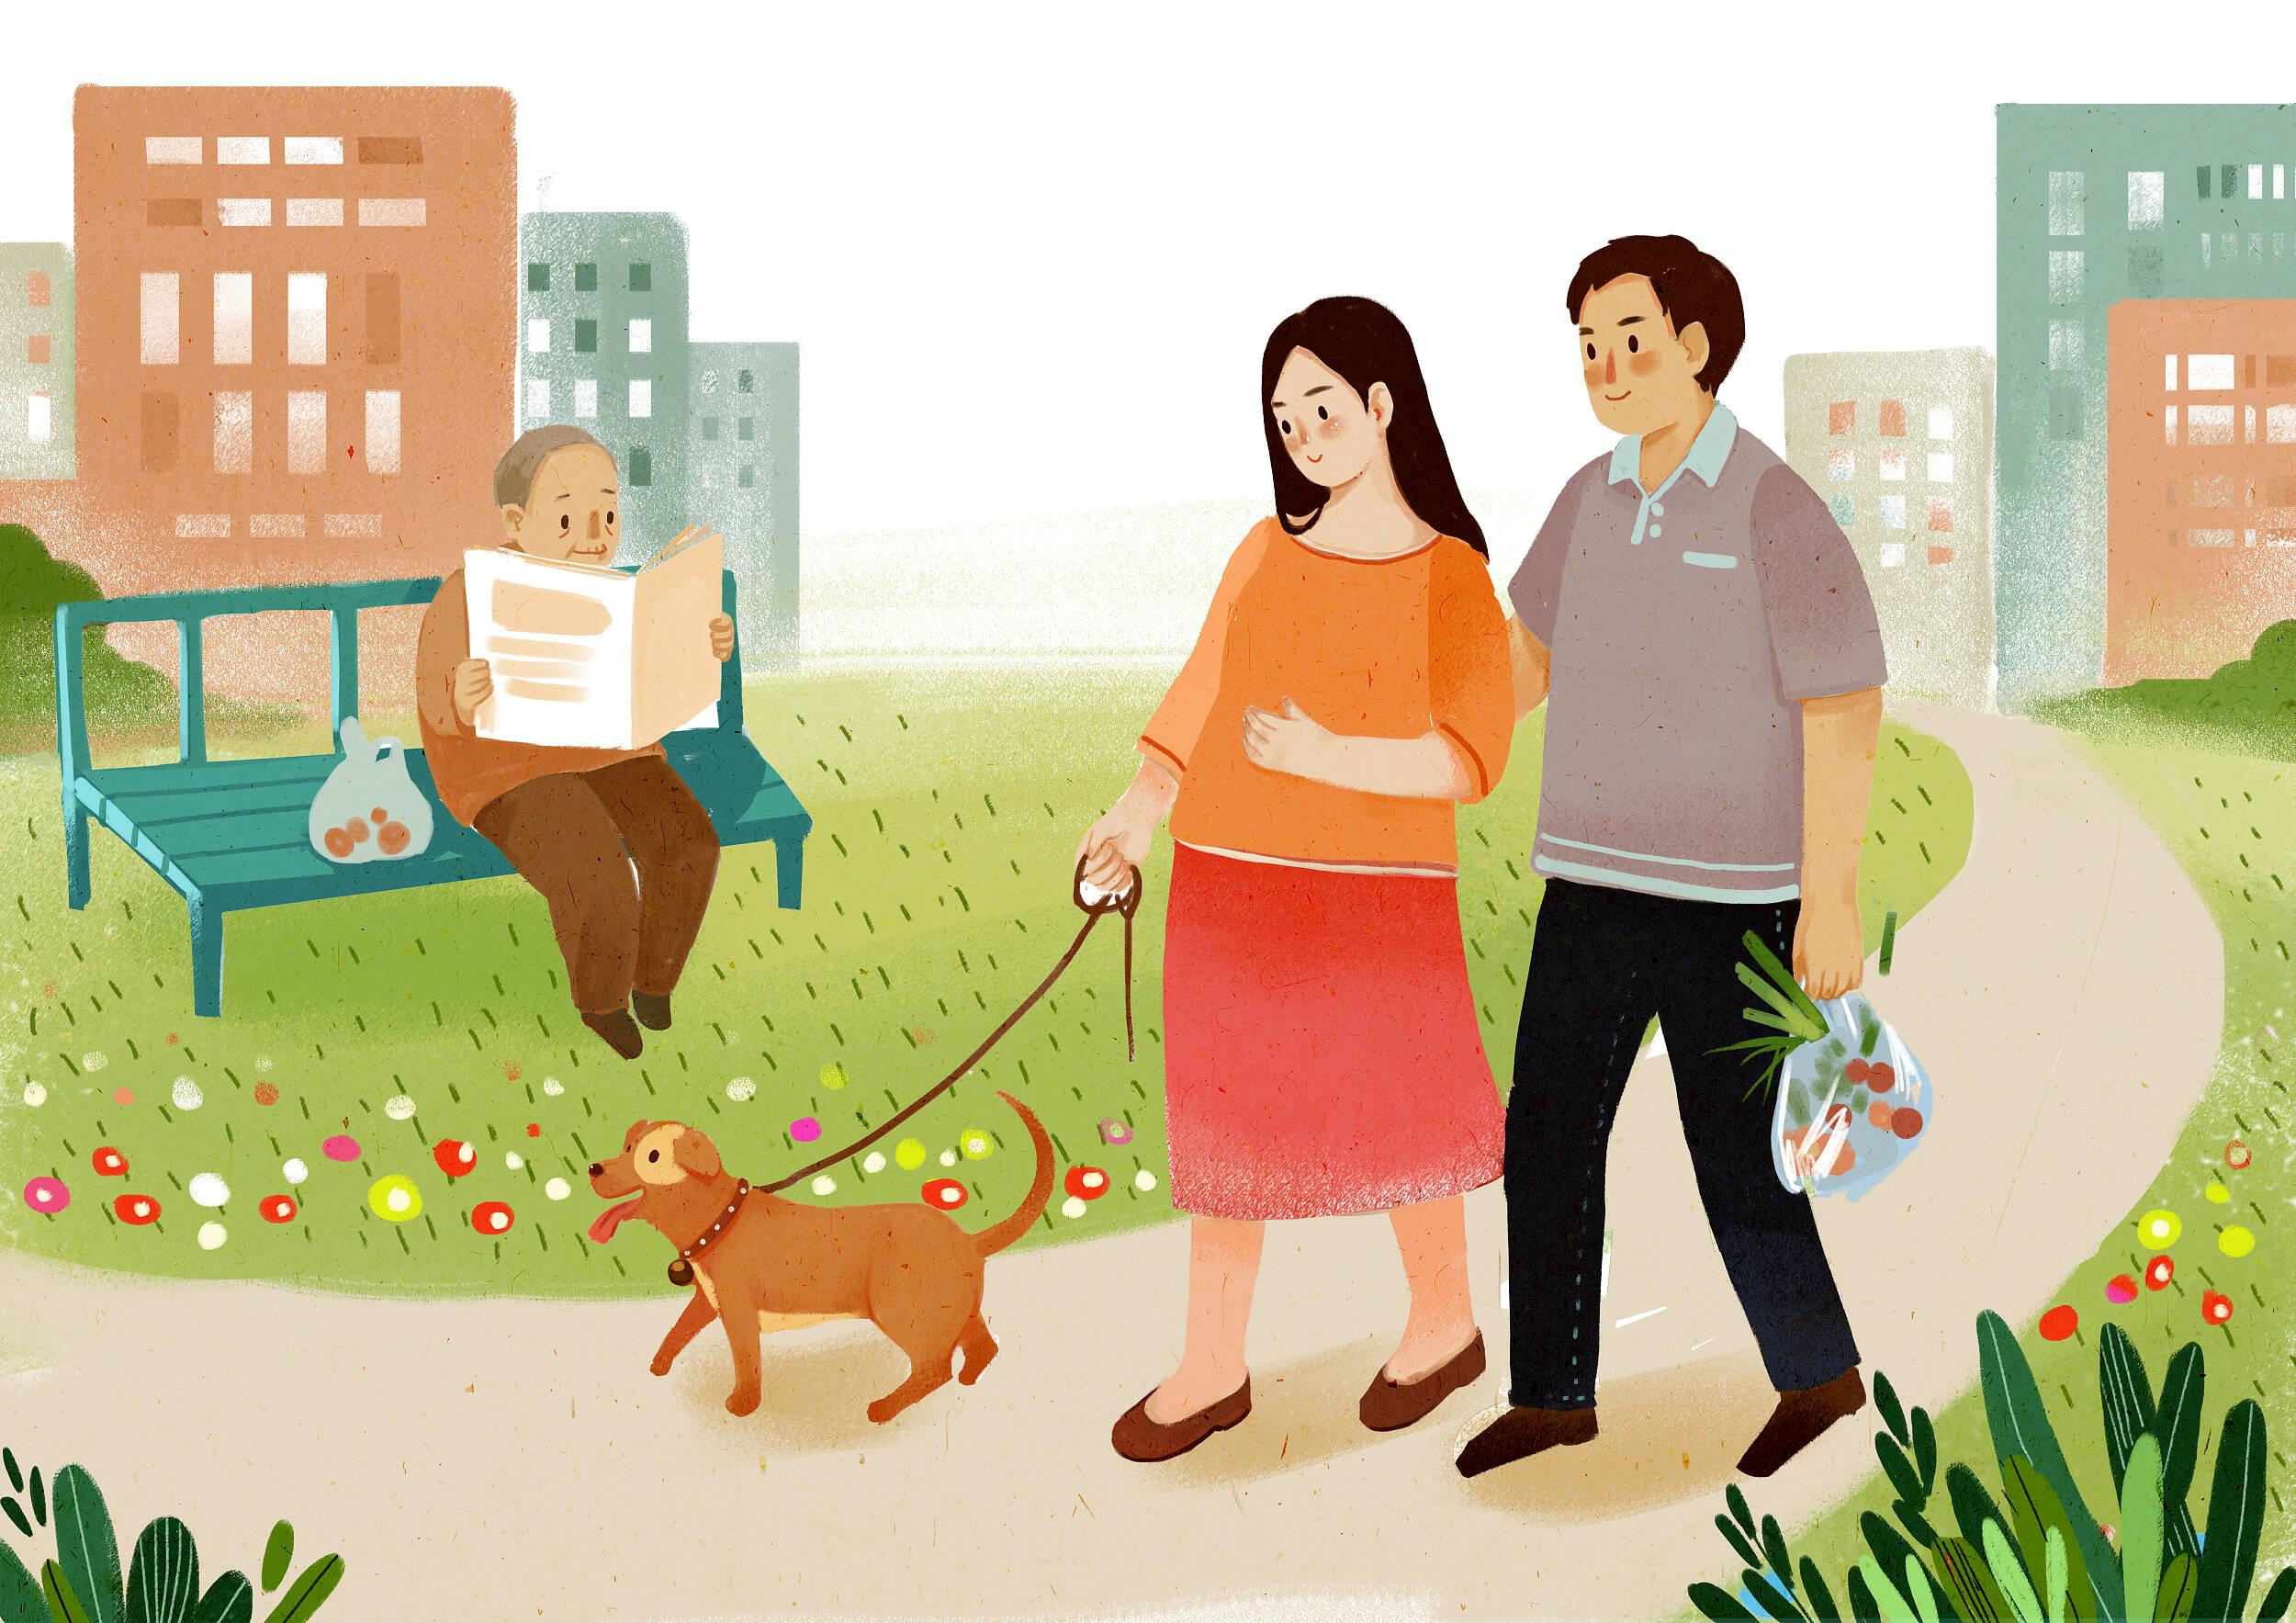 聚焦区县两会丨2021年济南市历城区坚持民生为本 普惠性幼儿园覆盖率达85%以上